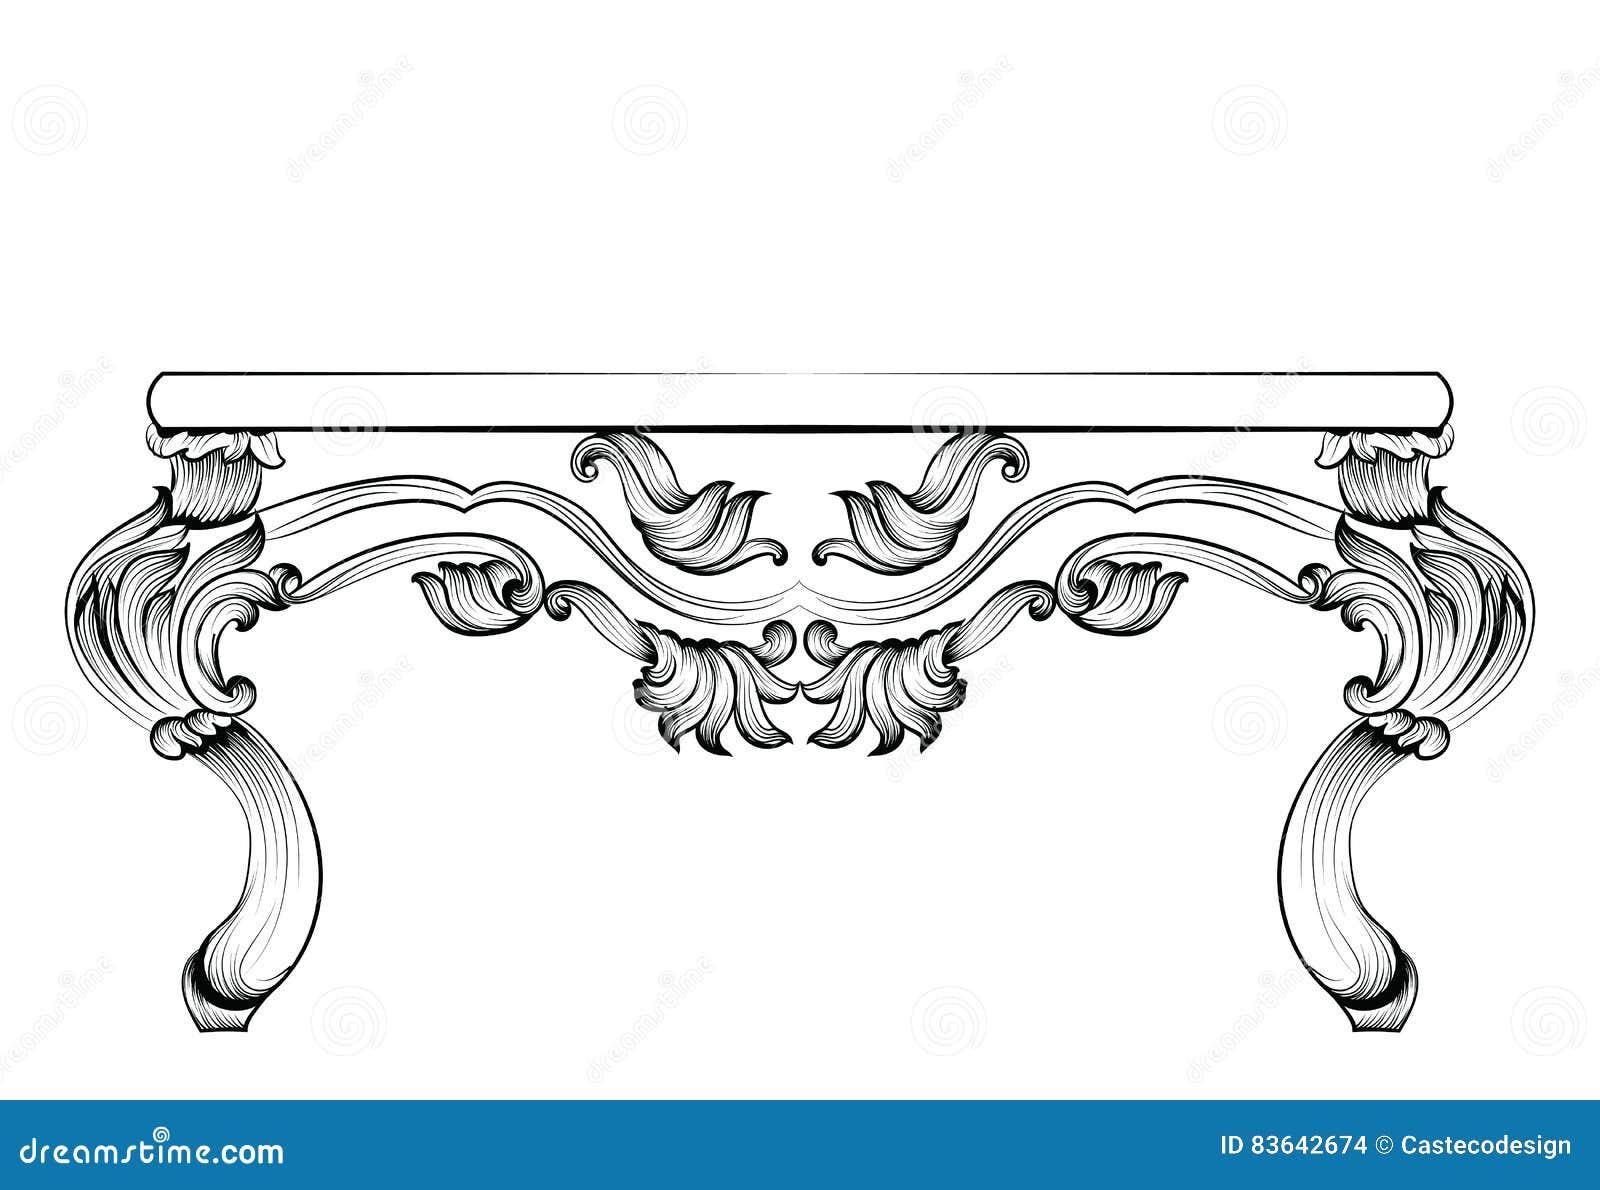 Franzosische luxus einrichtung barock design